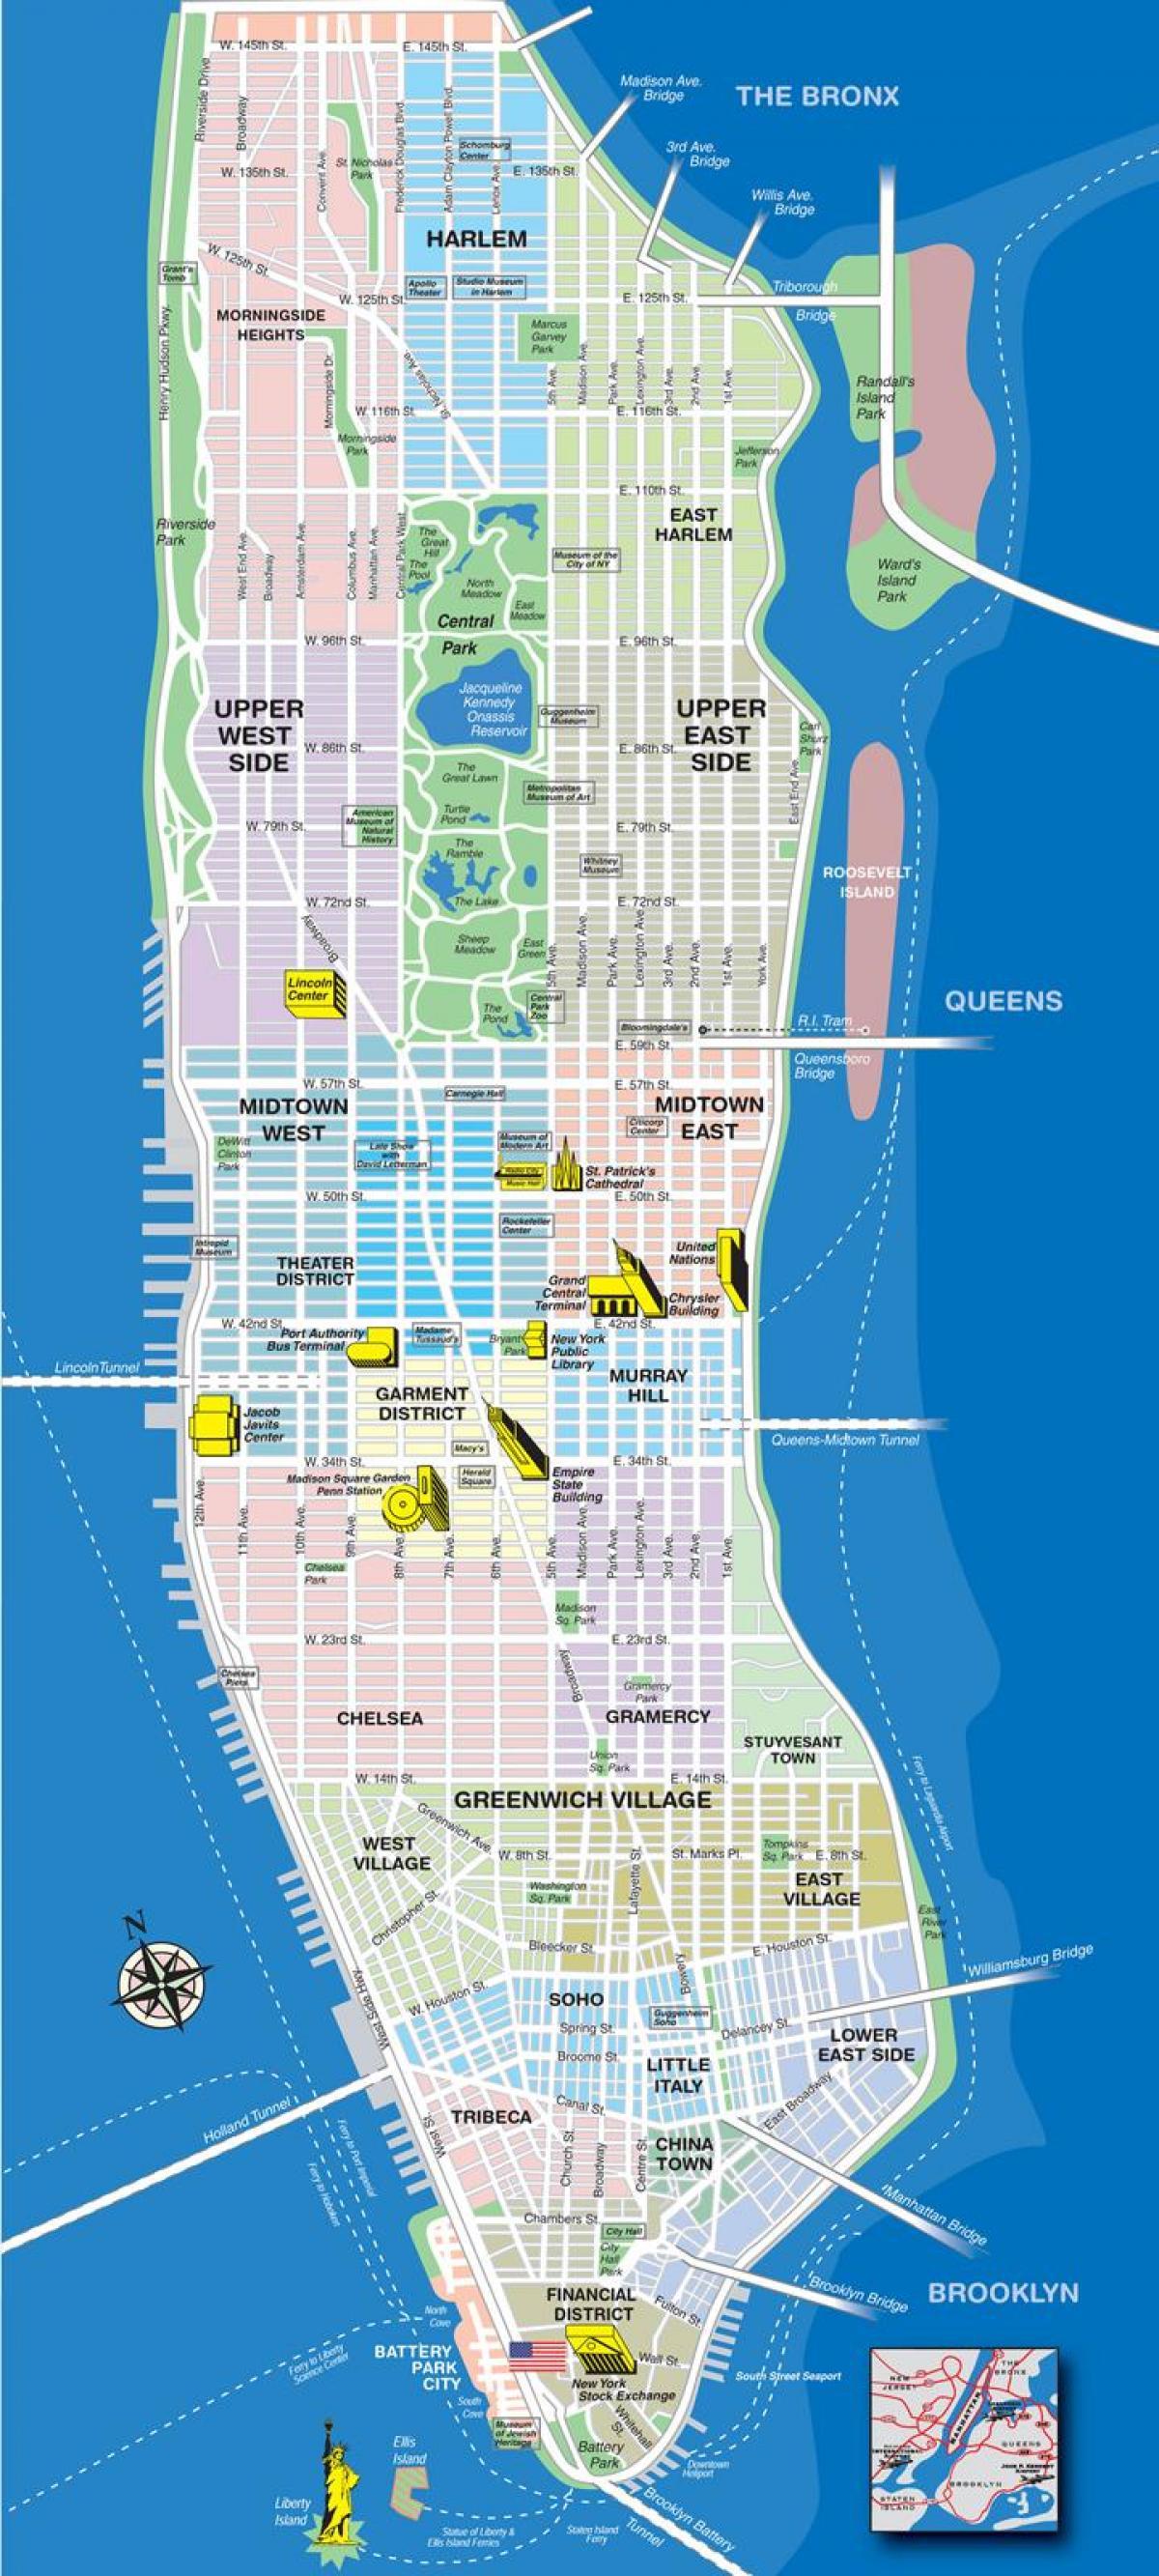 Kort Af Manhattan Hverfum Med Gotum Kort Af Efri Manhattan